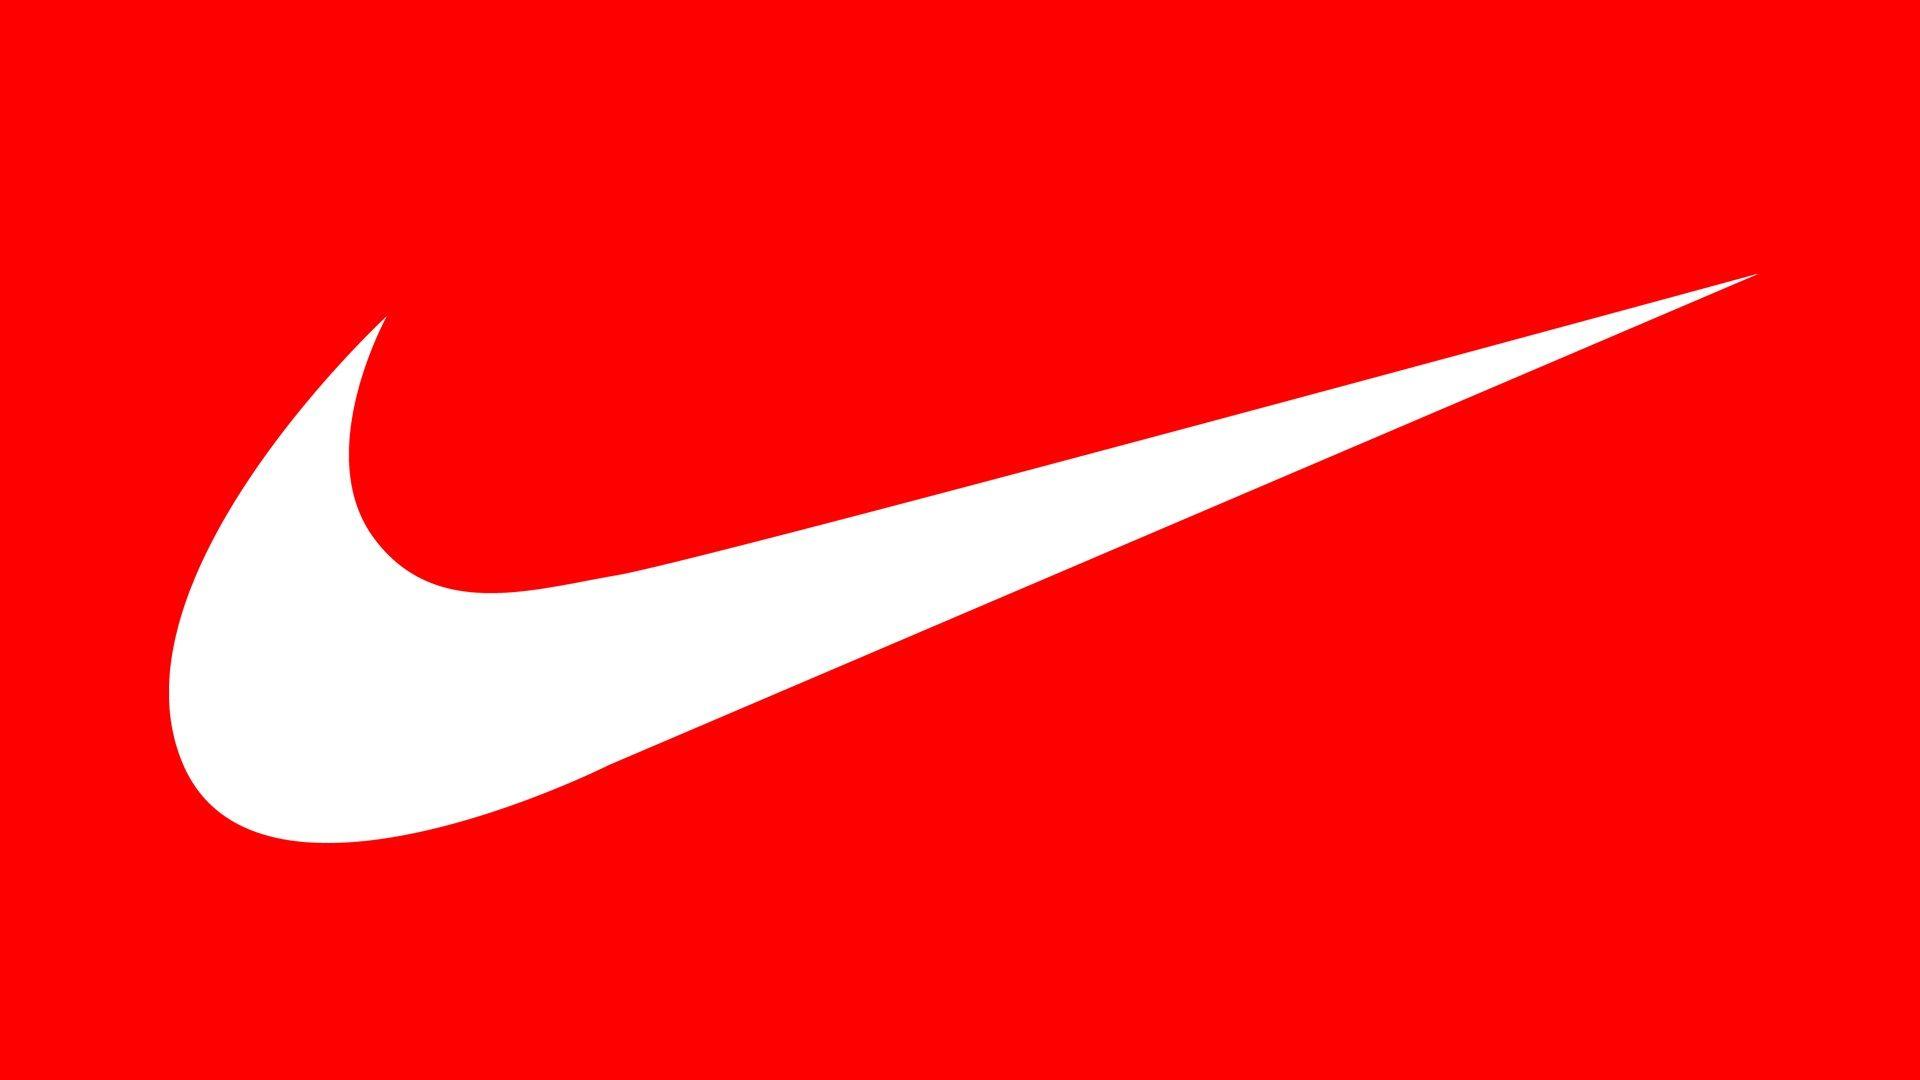 nike logo wallpaper red black   sharovarka   Pinterest   Nike logo, Red  black and Wallpaper